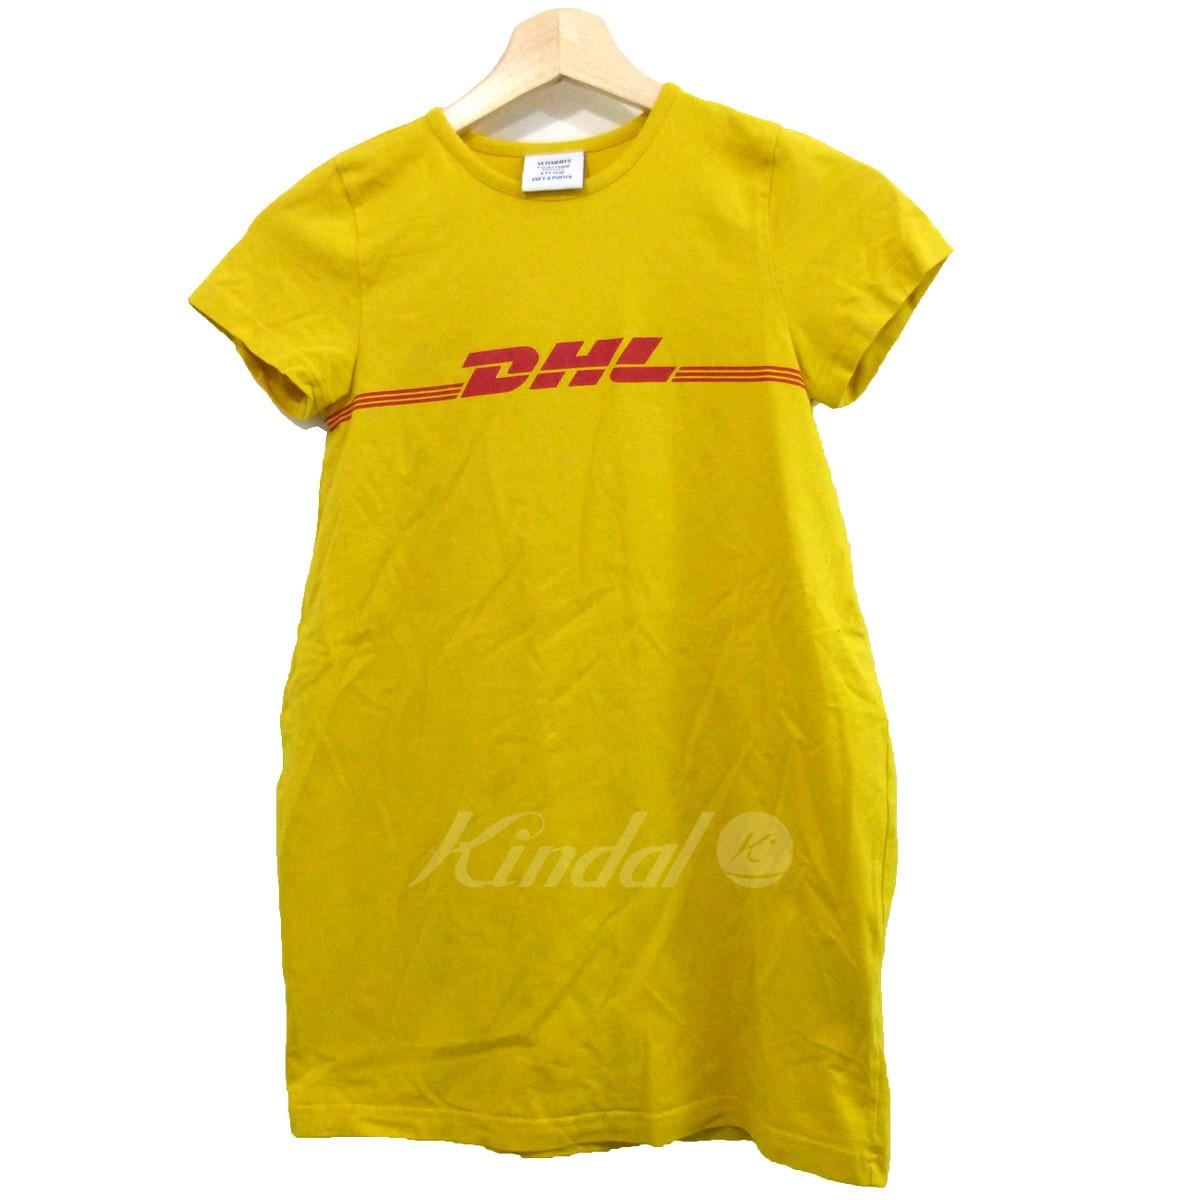 【中古】VETEMENTS 16SS「DHL T-Shirt」DHLプリントTシャツ 【送料無料】 【108990】 【KIND1550】